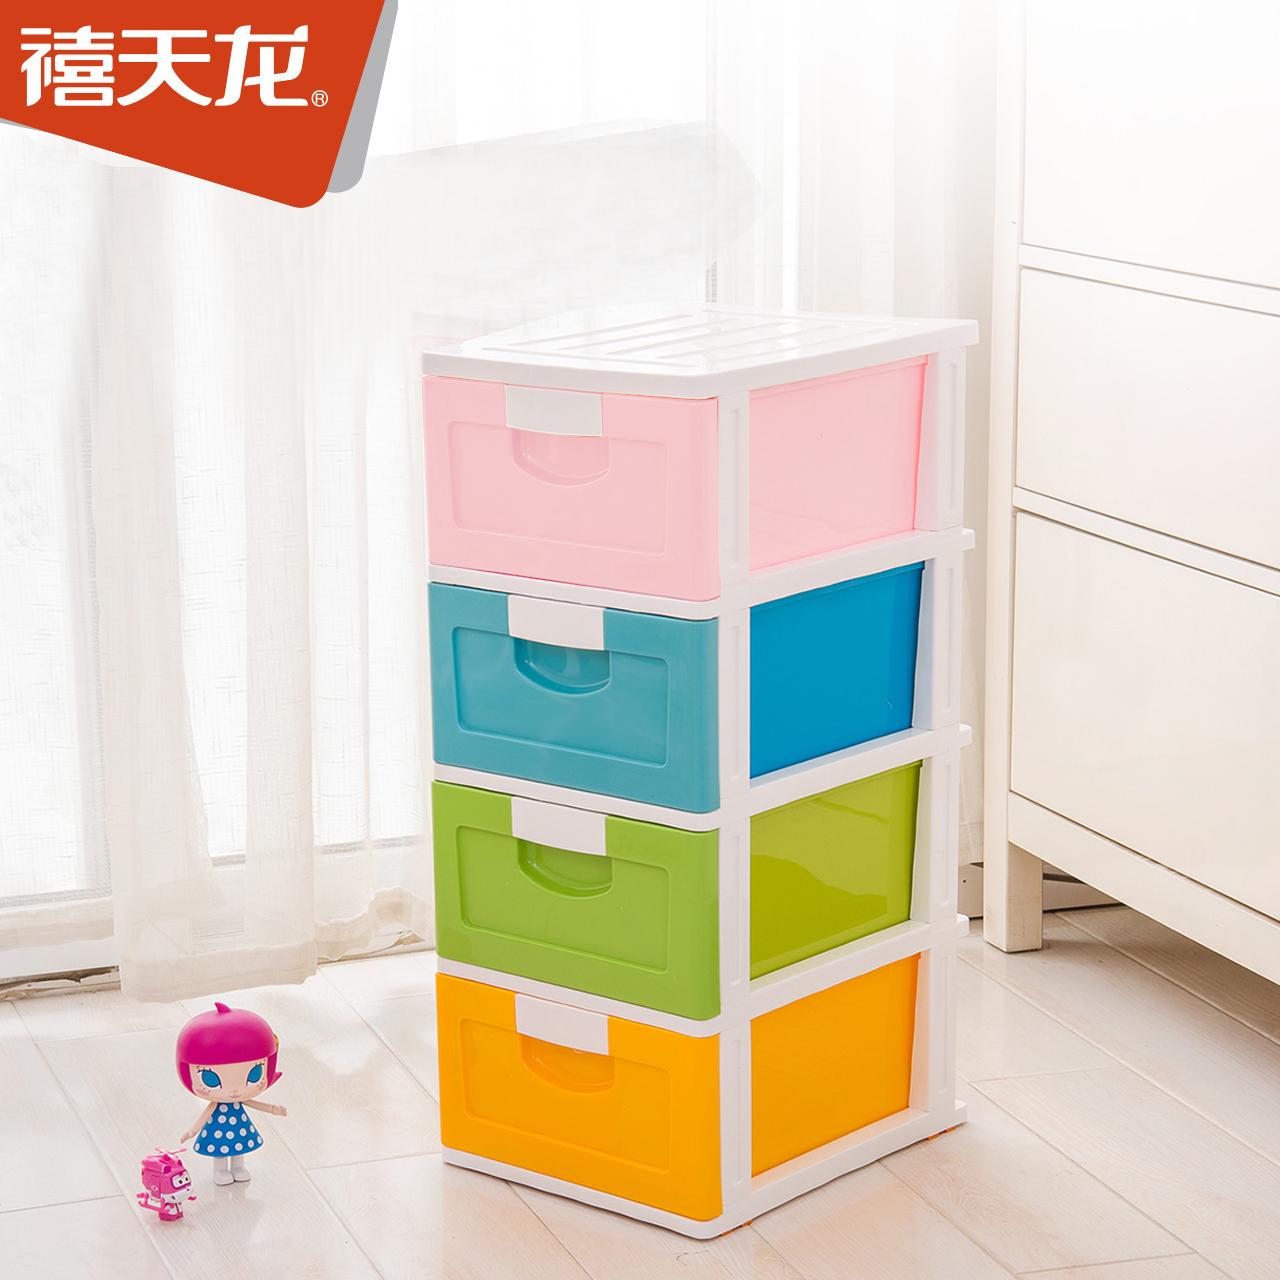 禧天龙塑料收纳柜多彩整理柜婴儿衣服储物柜抽屉式夹缝收纳柜4层1元优惠券